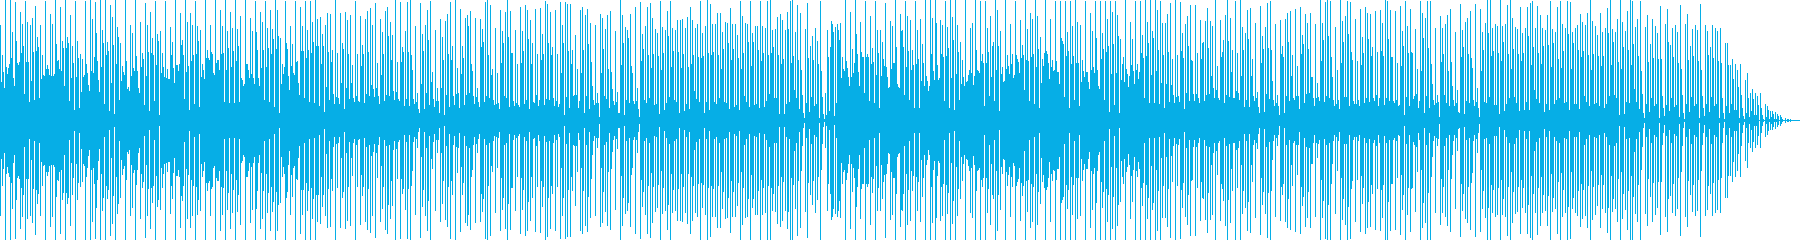 レトロフューチャーな雰囲気のテクノポップの再生済みの波形